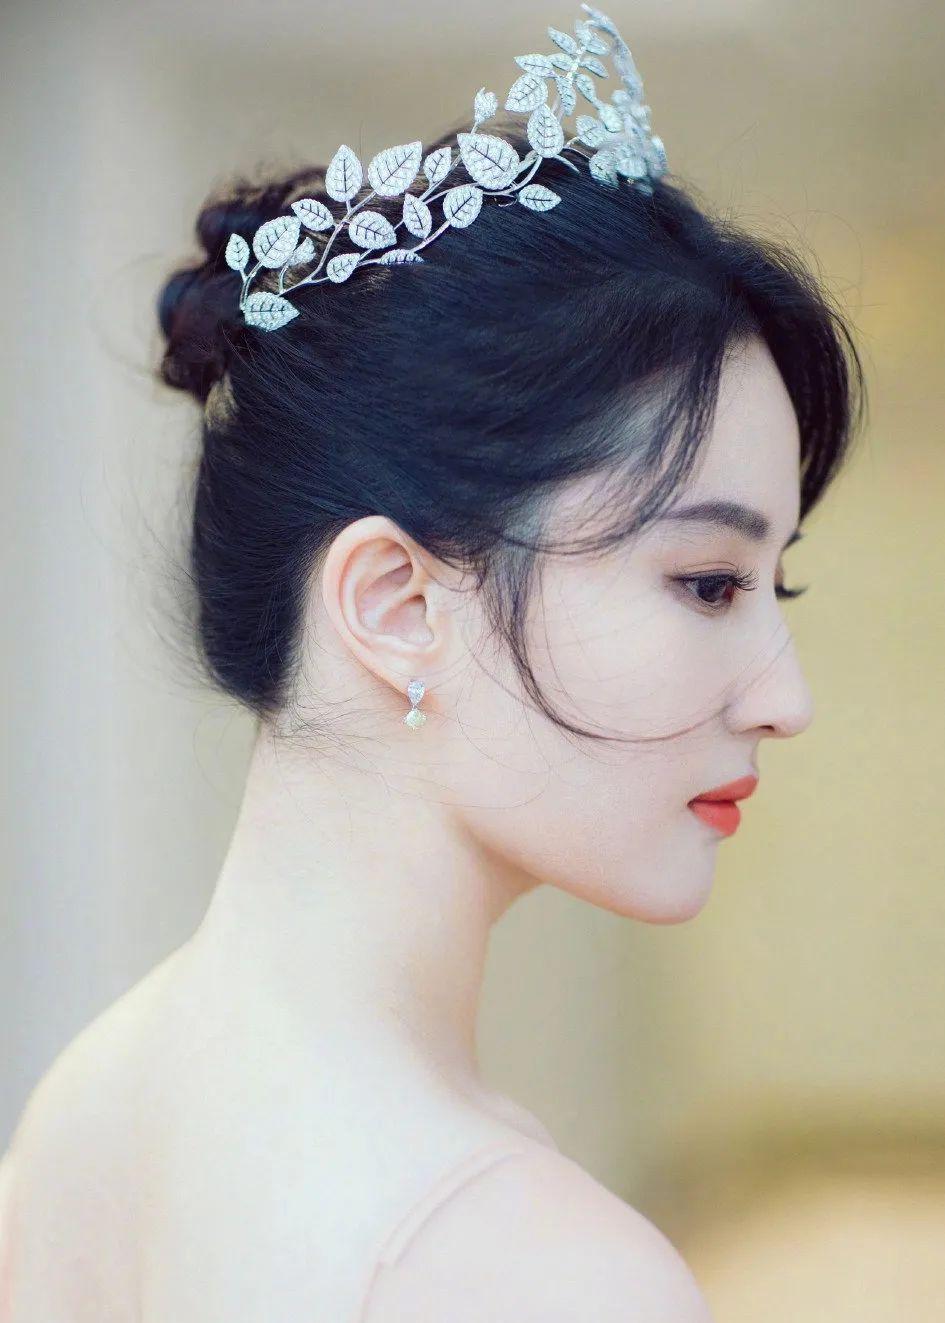 妹子写真 – 女王范的刘亦菲和傻白甜的赖美云,你更喜欢哪一位?_图片 No.6